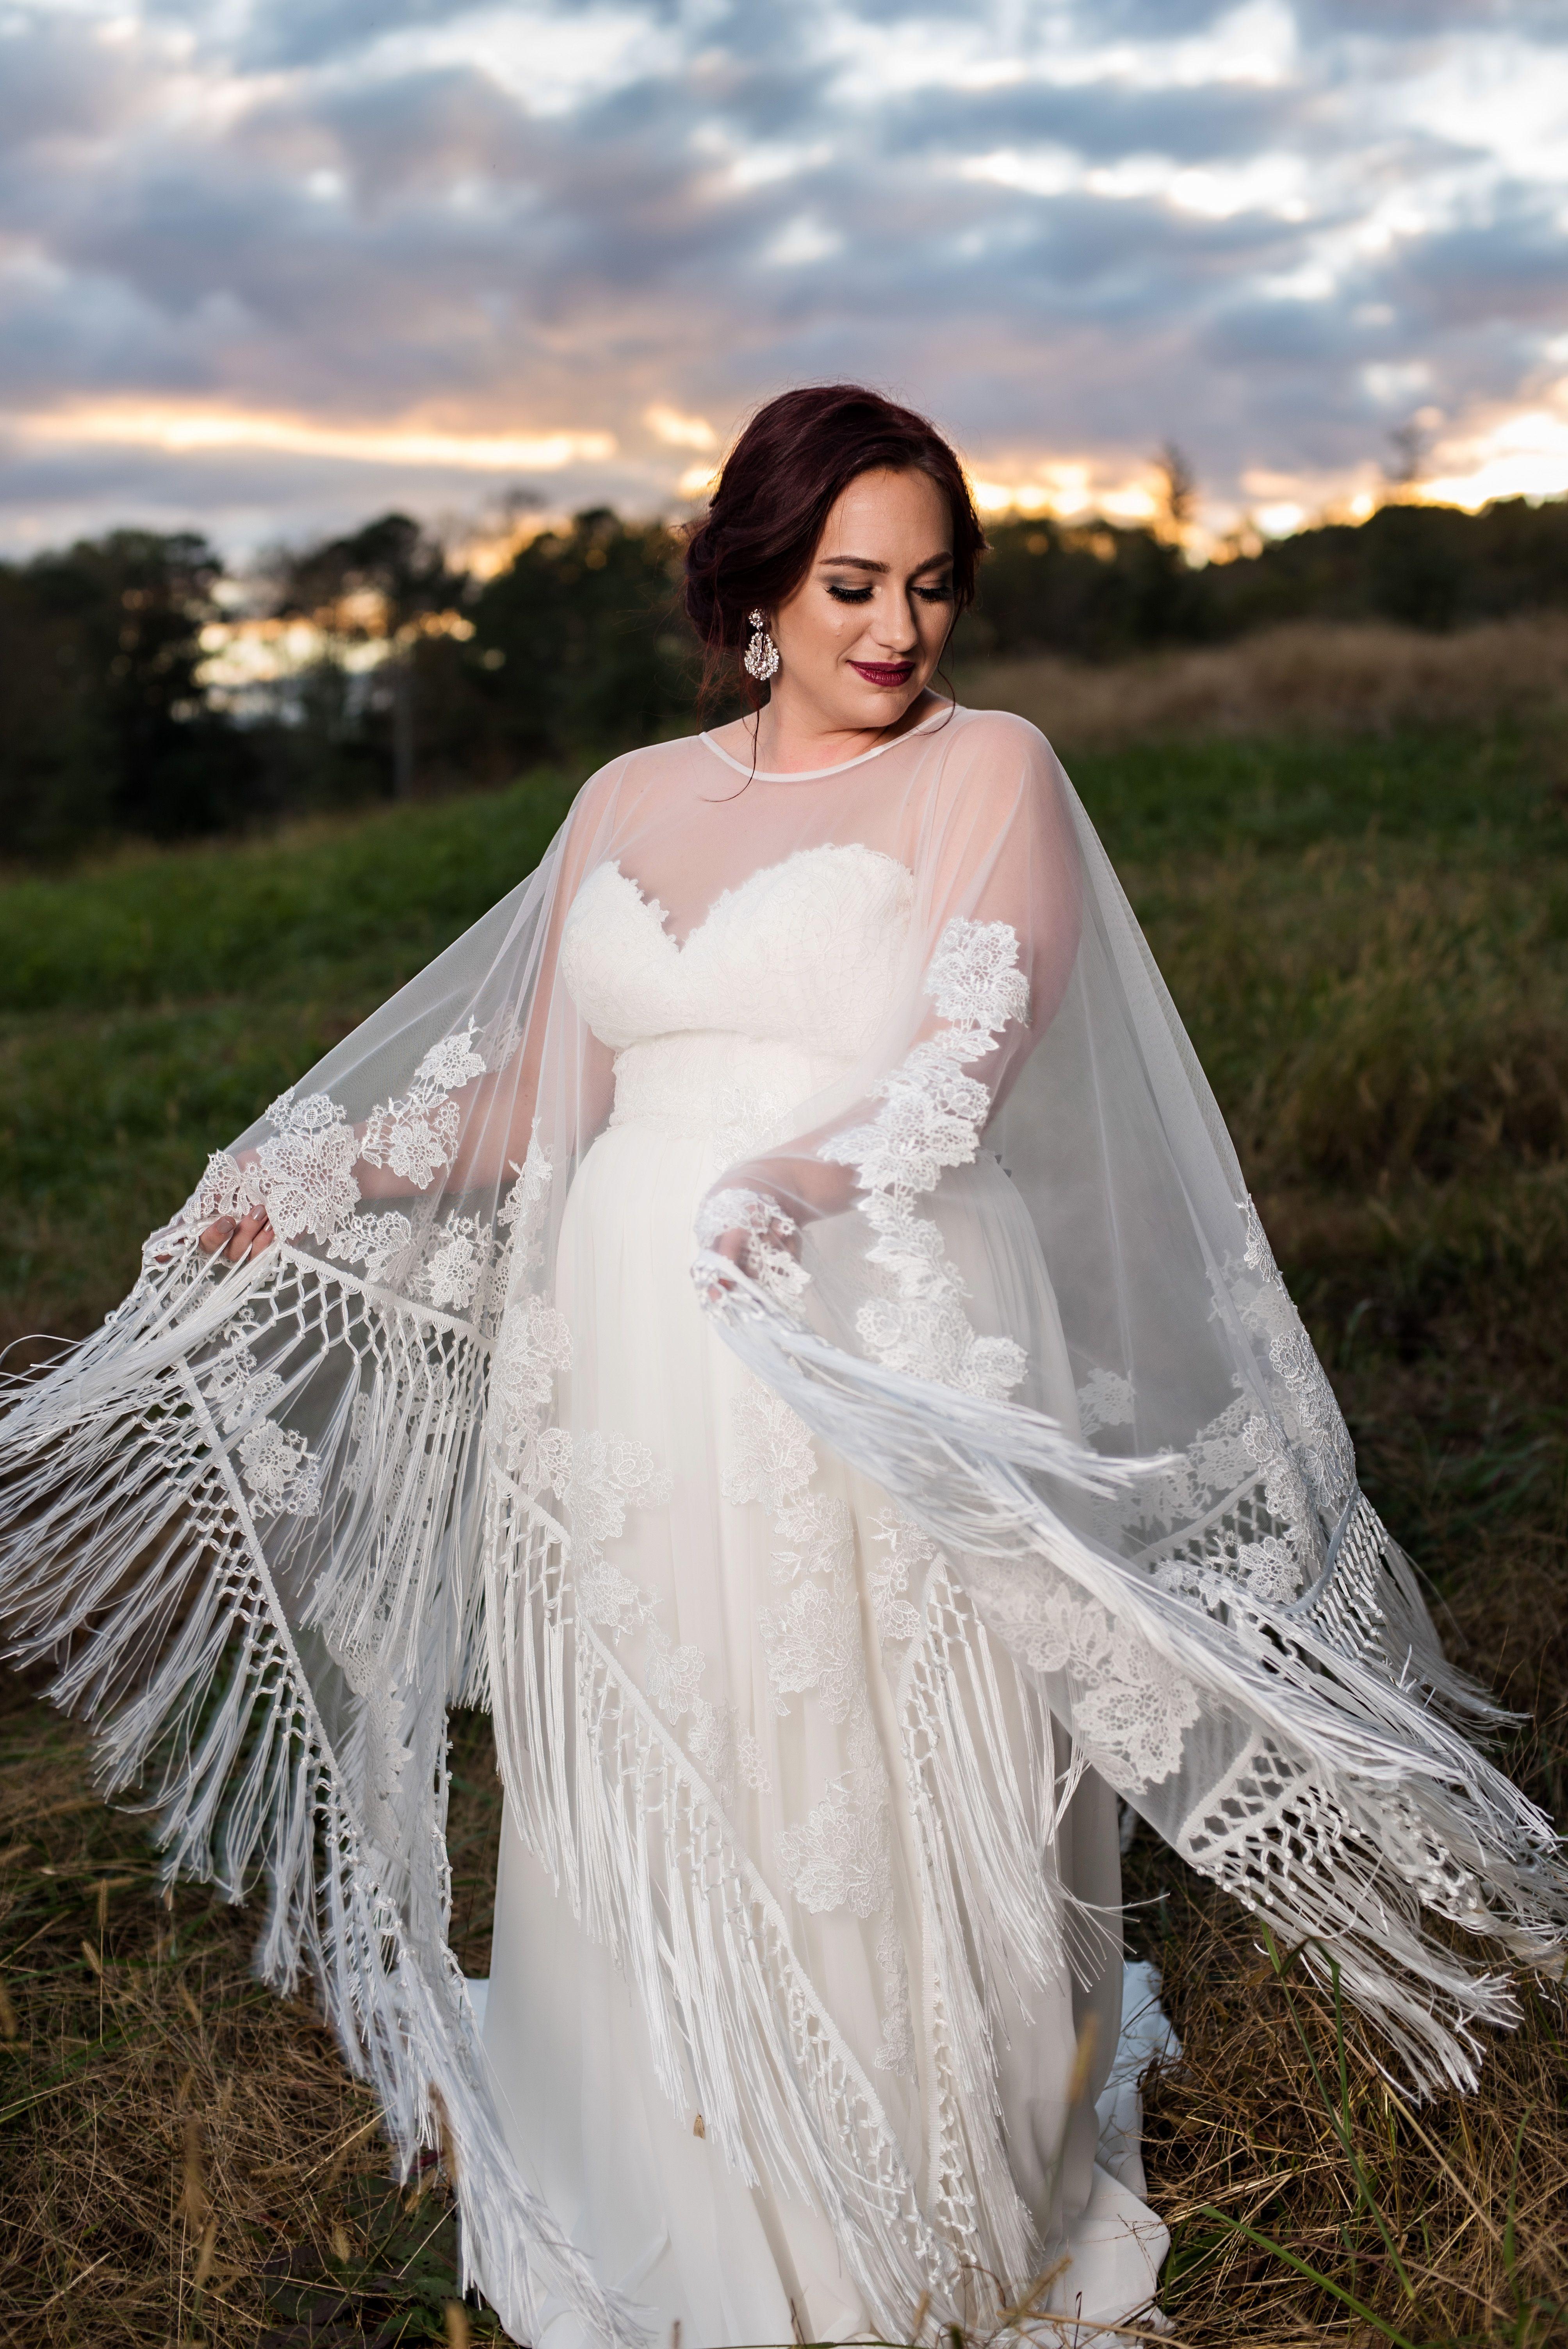 Wedding Angels Boutique Atlanta Ga Atlanta Bride Atlanta Wedding Elegant Wedding Dress P Wedding Dress Store Wedding Gown Shop Wedding Dresses Atlanta